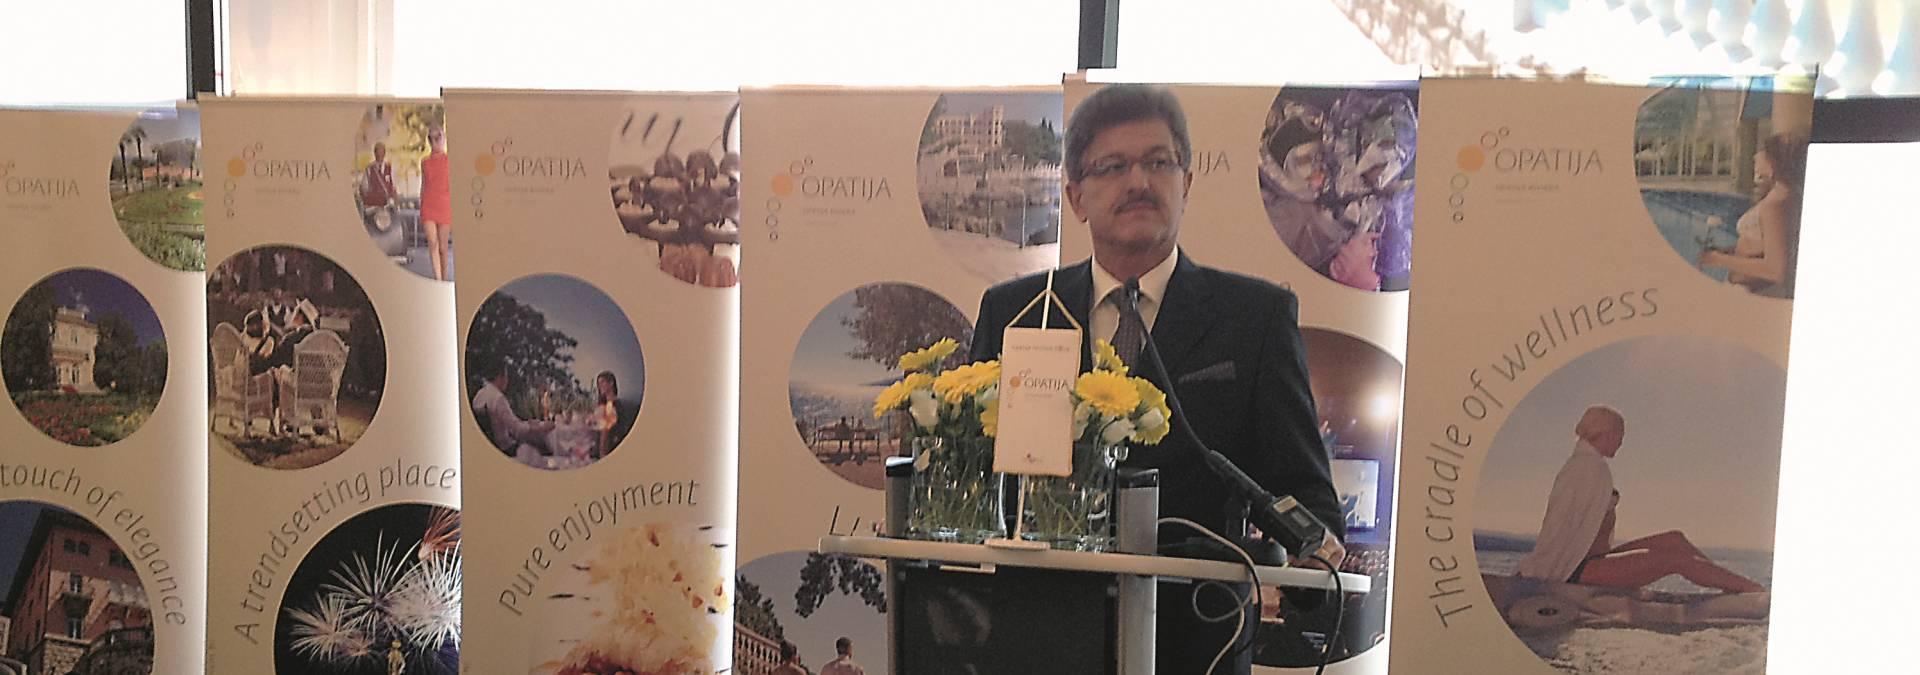 NACIONAL DONOSI Opatija prezentirala svoju turističku ponudu u Beču